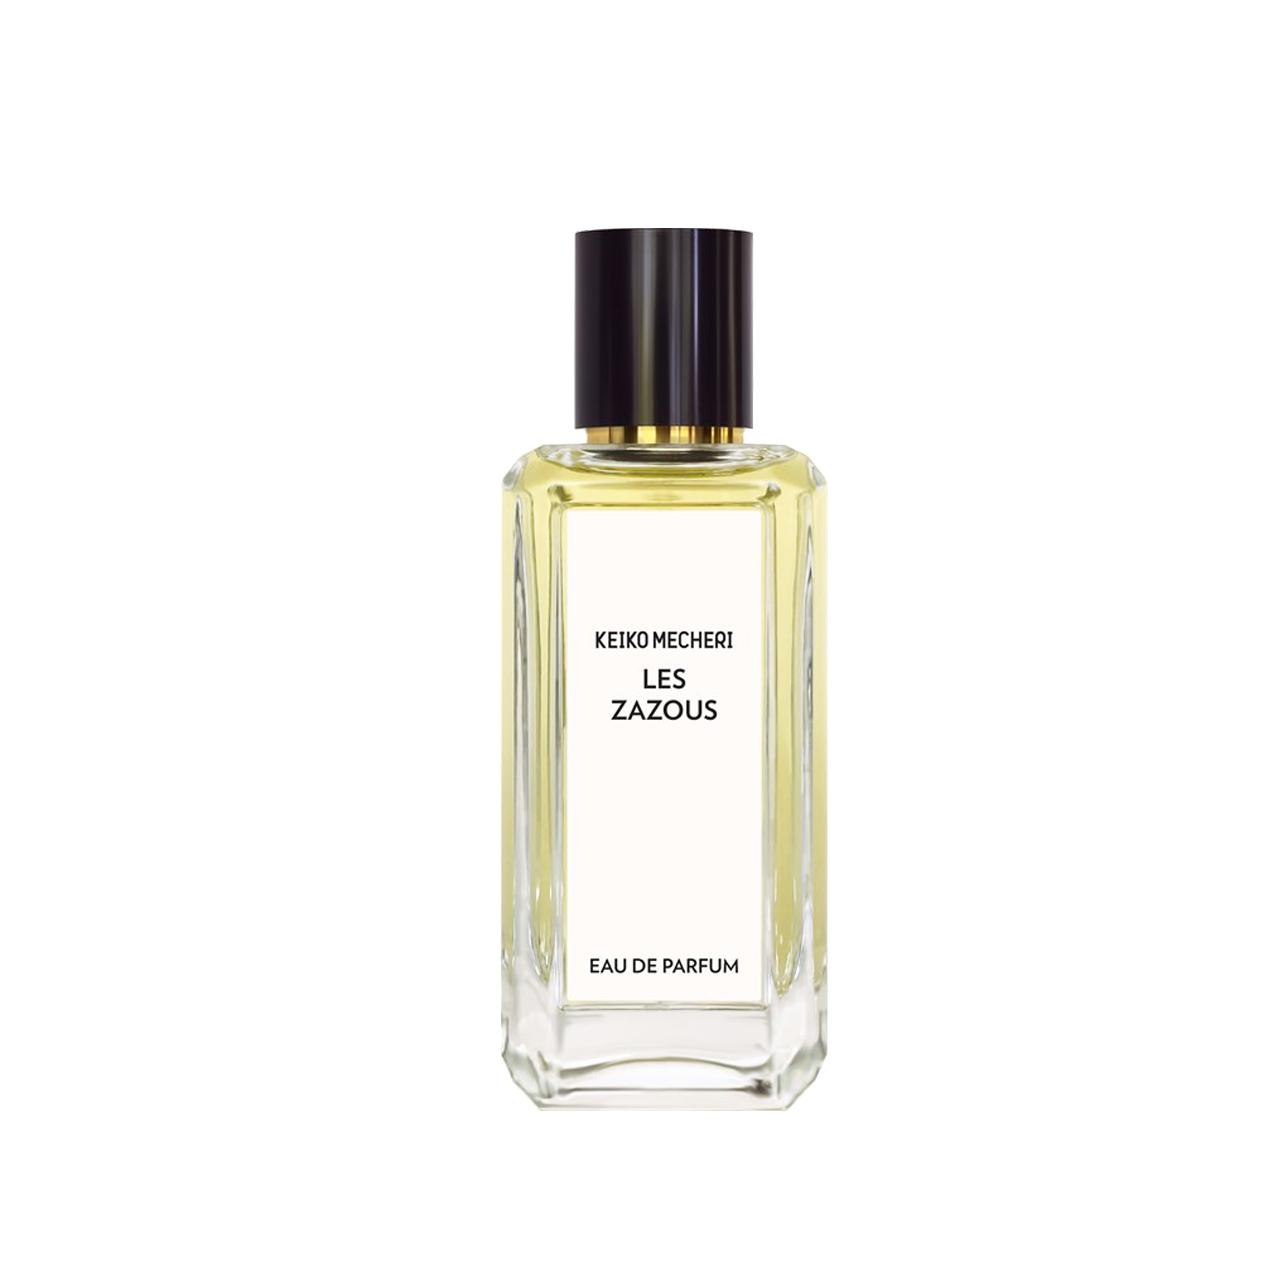 Les Zazous - Eau de Parfum